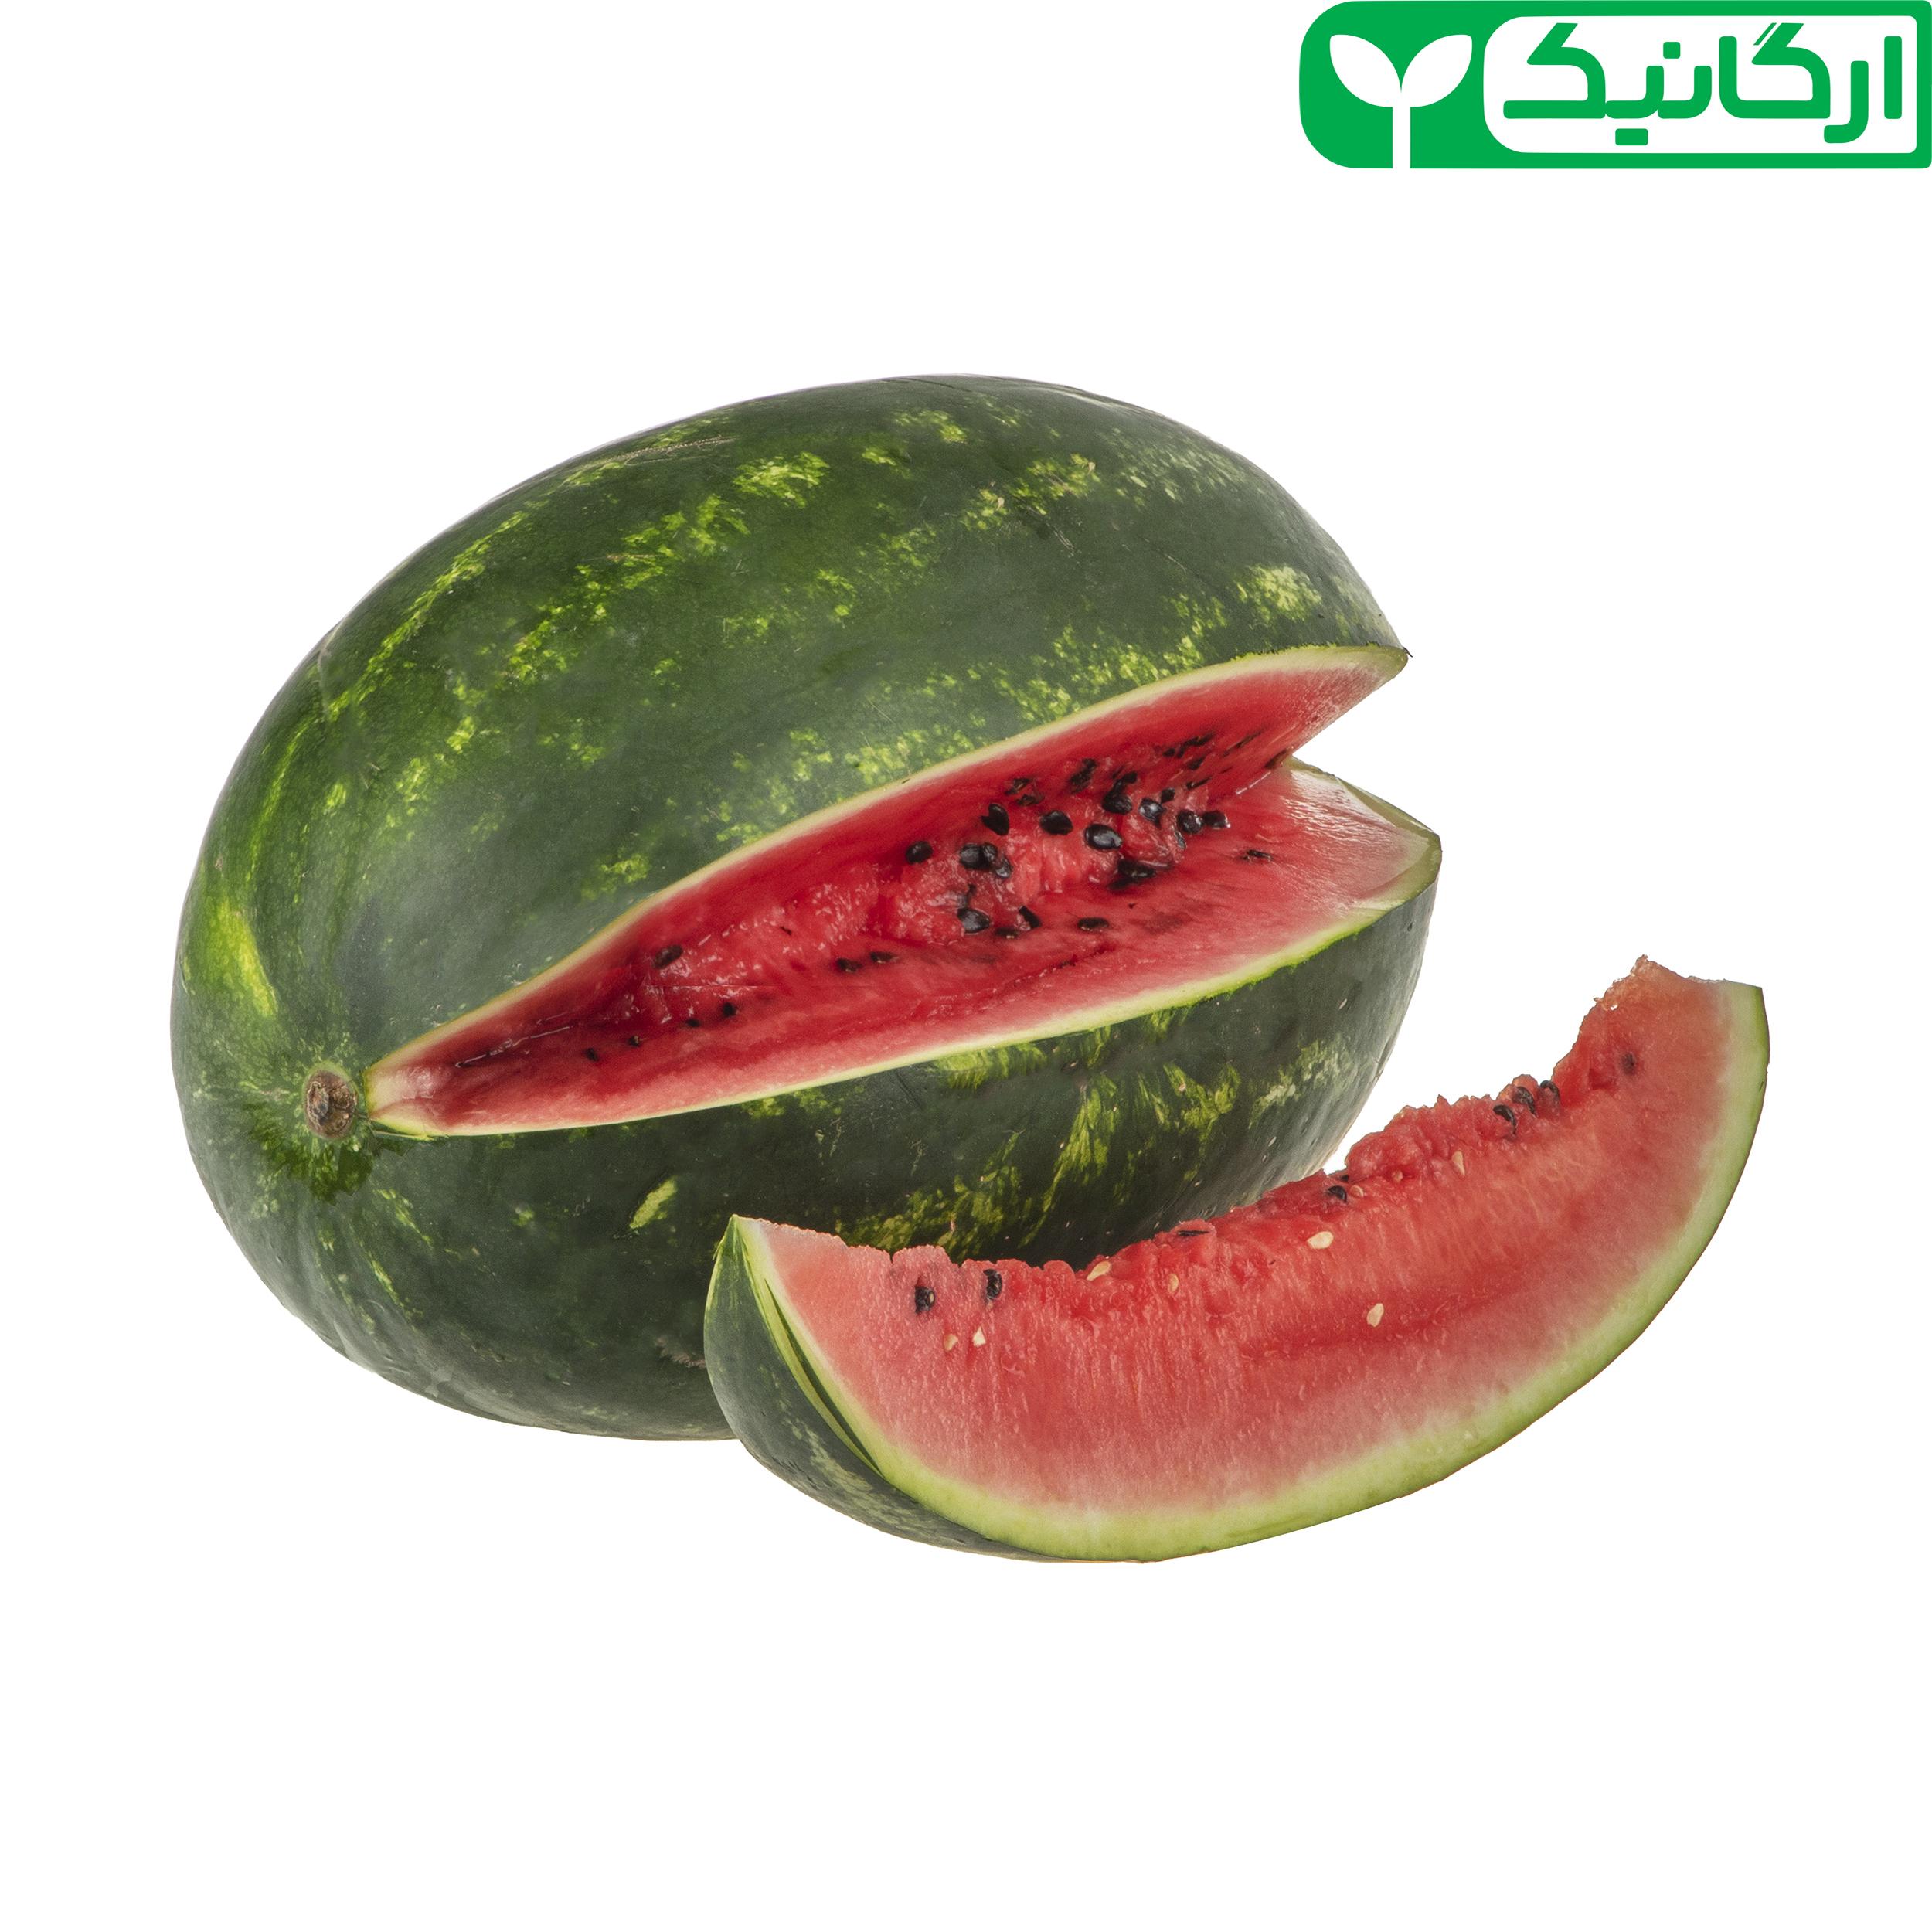 هندوانه ارگانیک رضوانی – 8 کیلوگرم